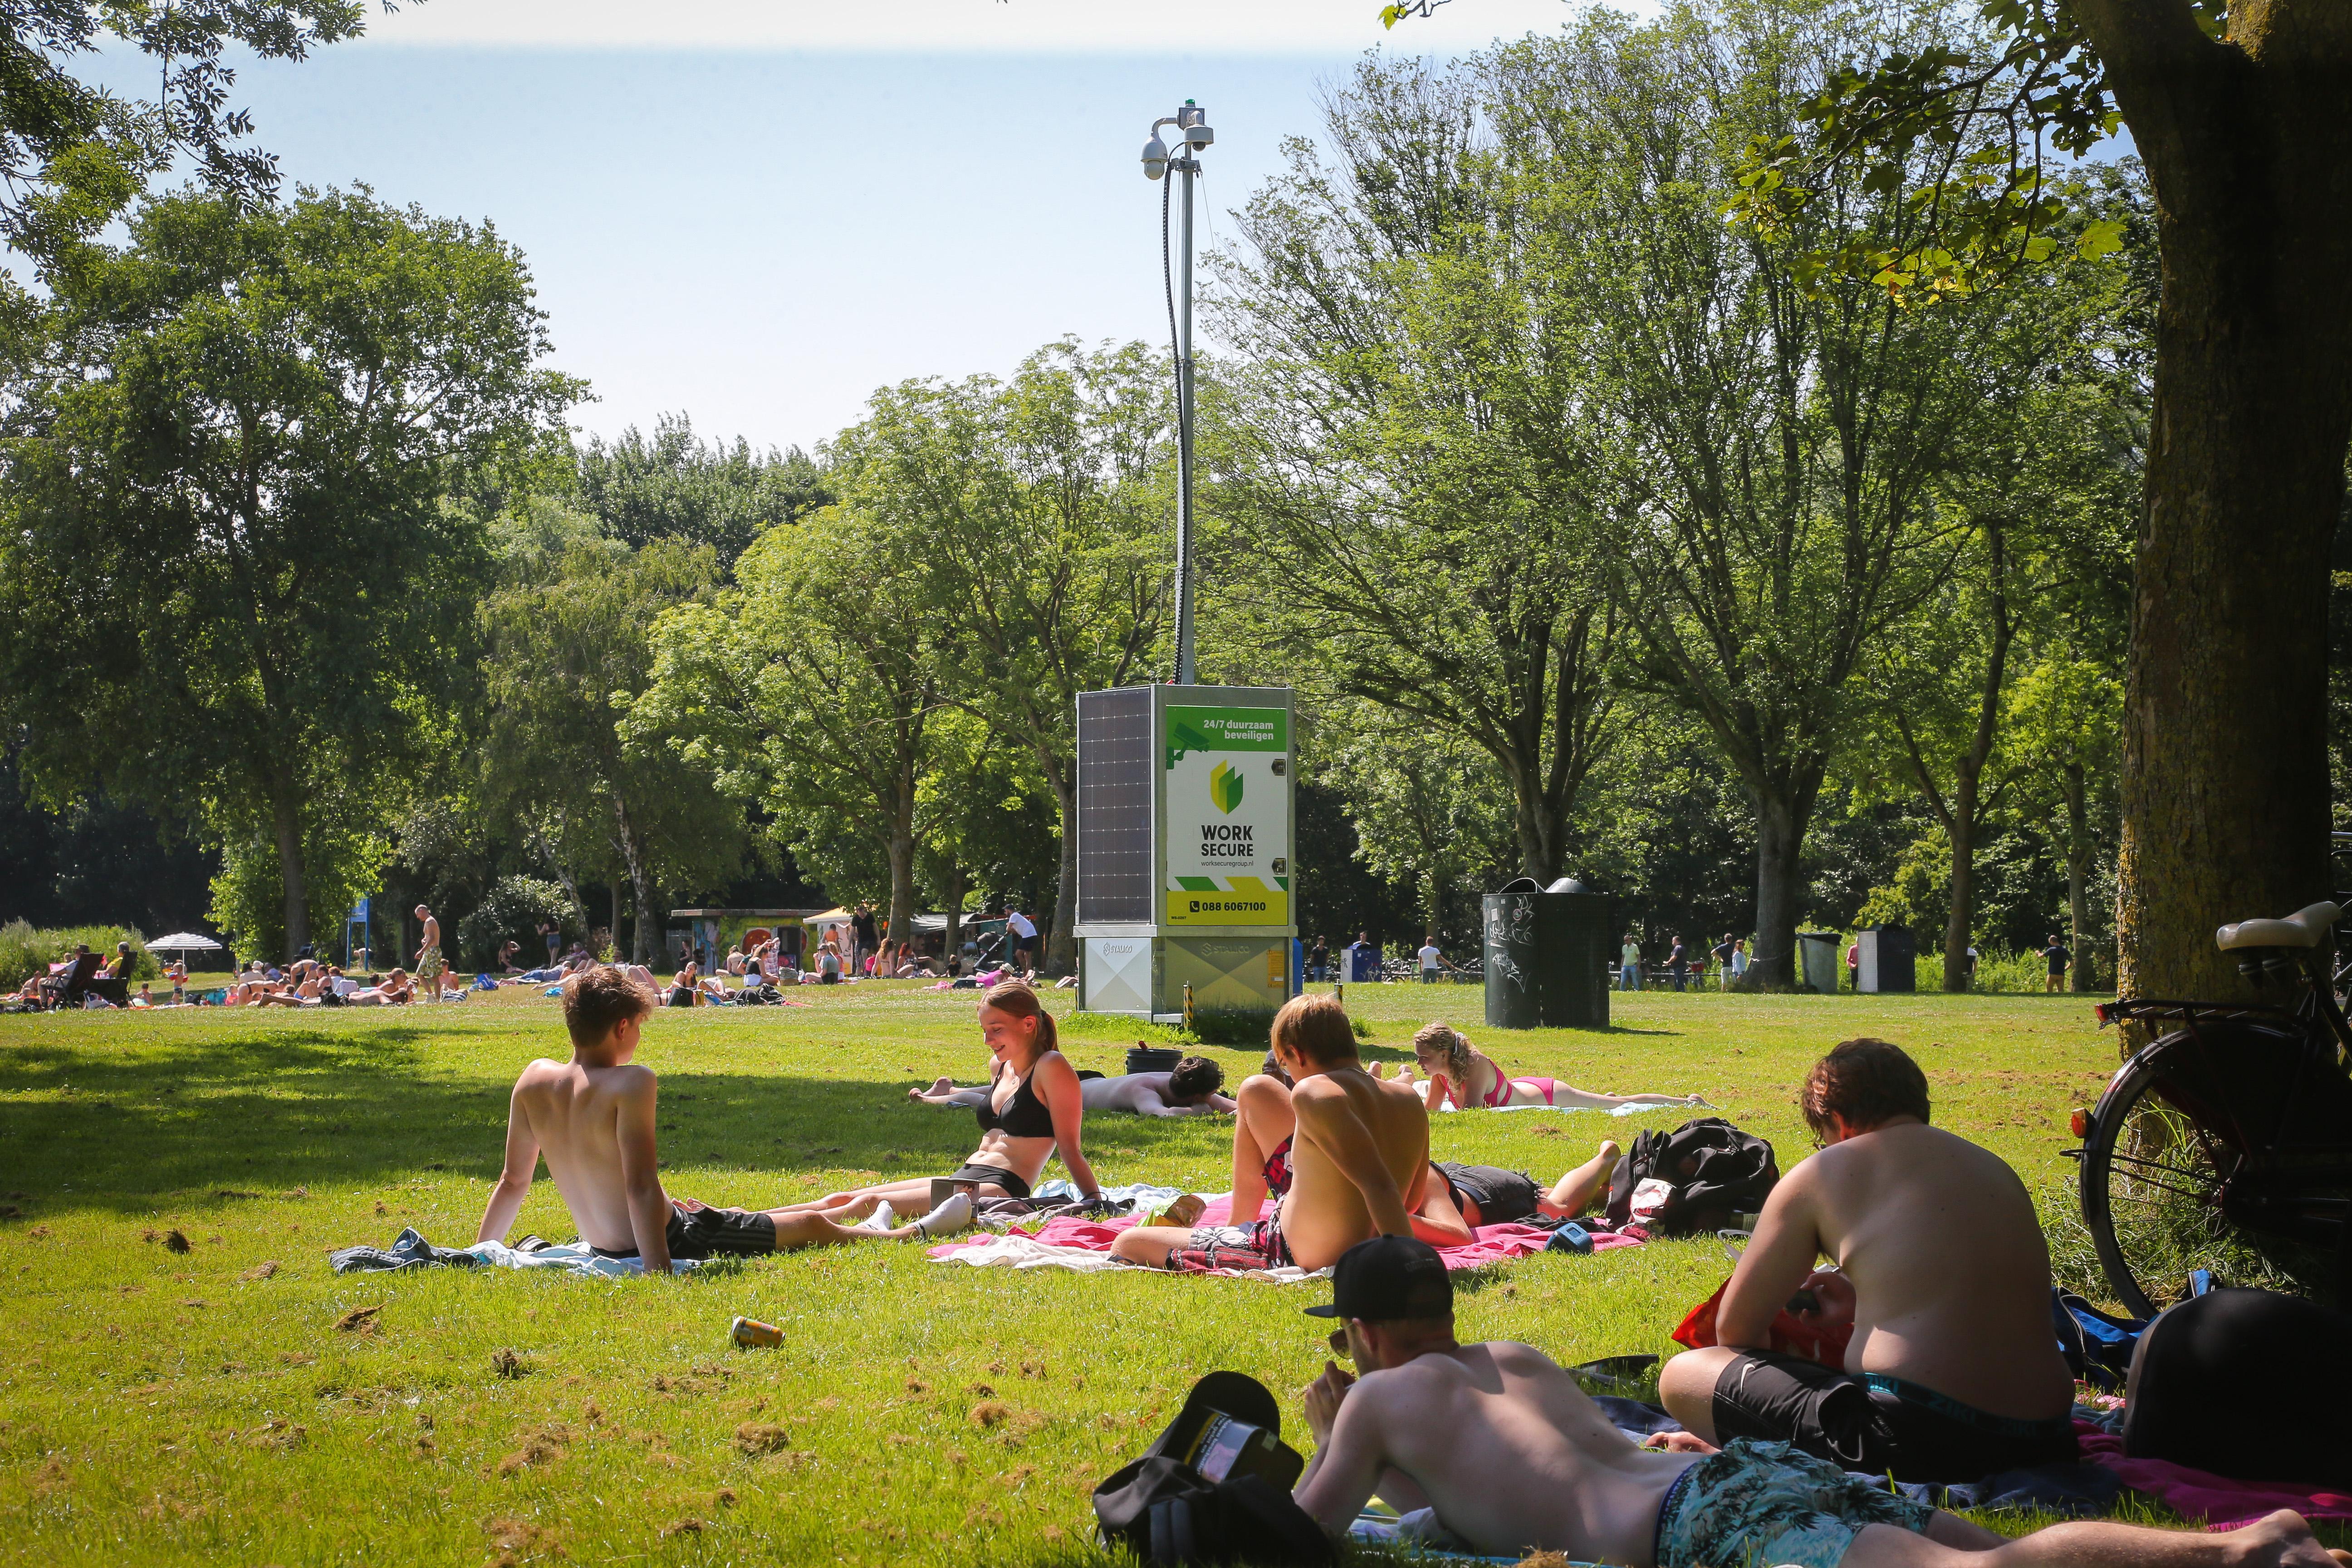 Camerastations en handhaving in Hoorns Julianapark werpen vruchten af: 'Sfeer is nu een stuk beter'